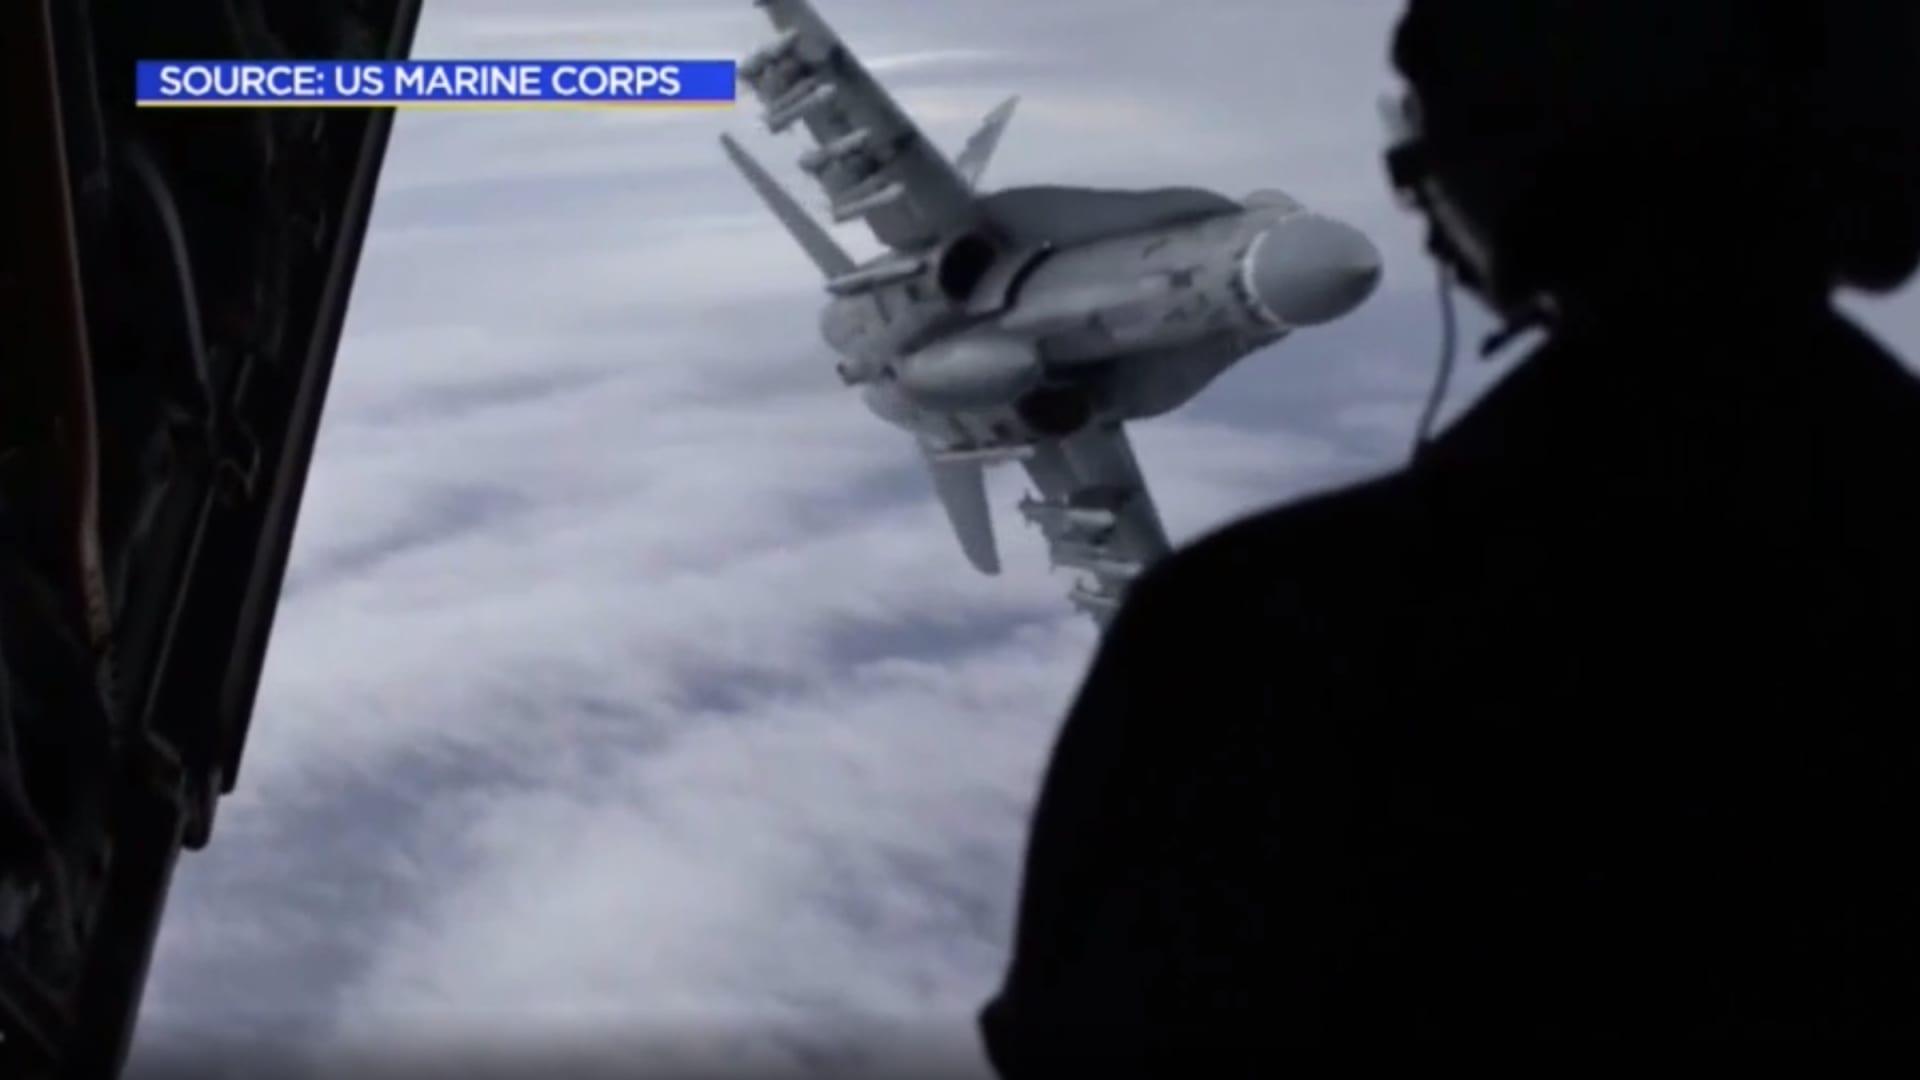 شاهد.. اللحظات الأولى بعد اصطدام مقاتلة F35 بناقلة وقود في الجو